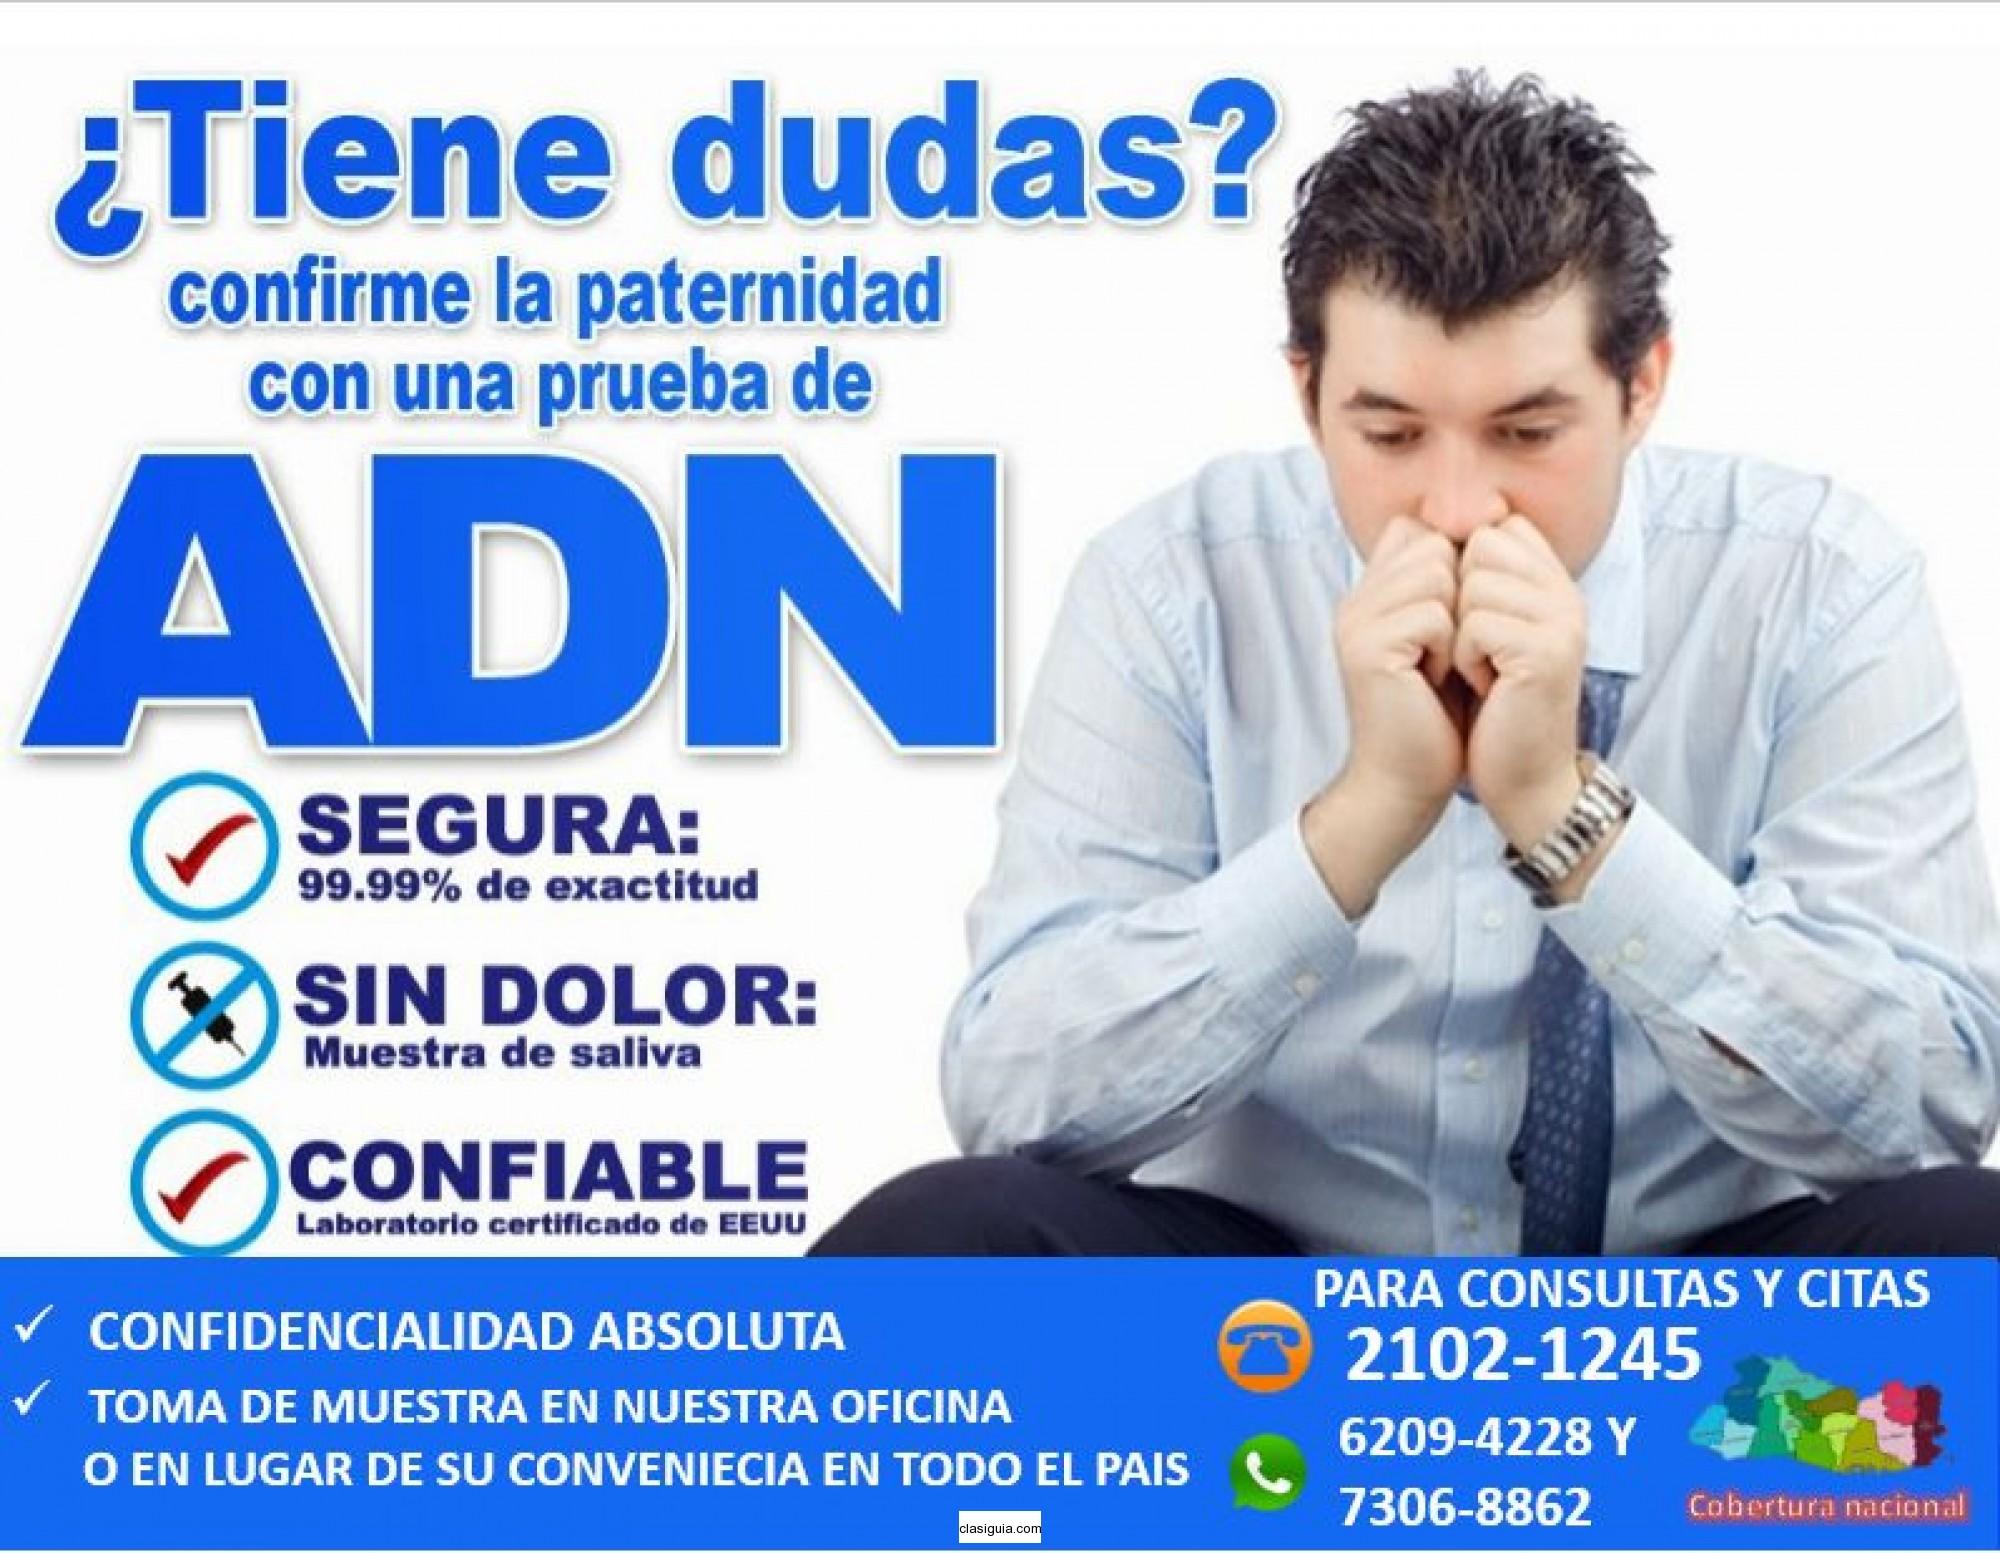 SERVICIO DE PRUEBAS DE ADN A LA MAS ALTA CALIDAD CON LOS HONORARIOS MAS ACCESIBLES DEL MERCADO